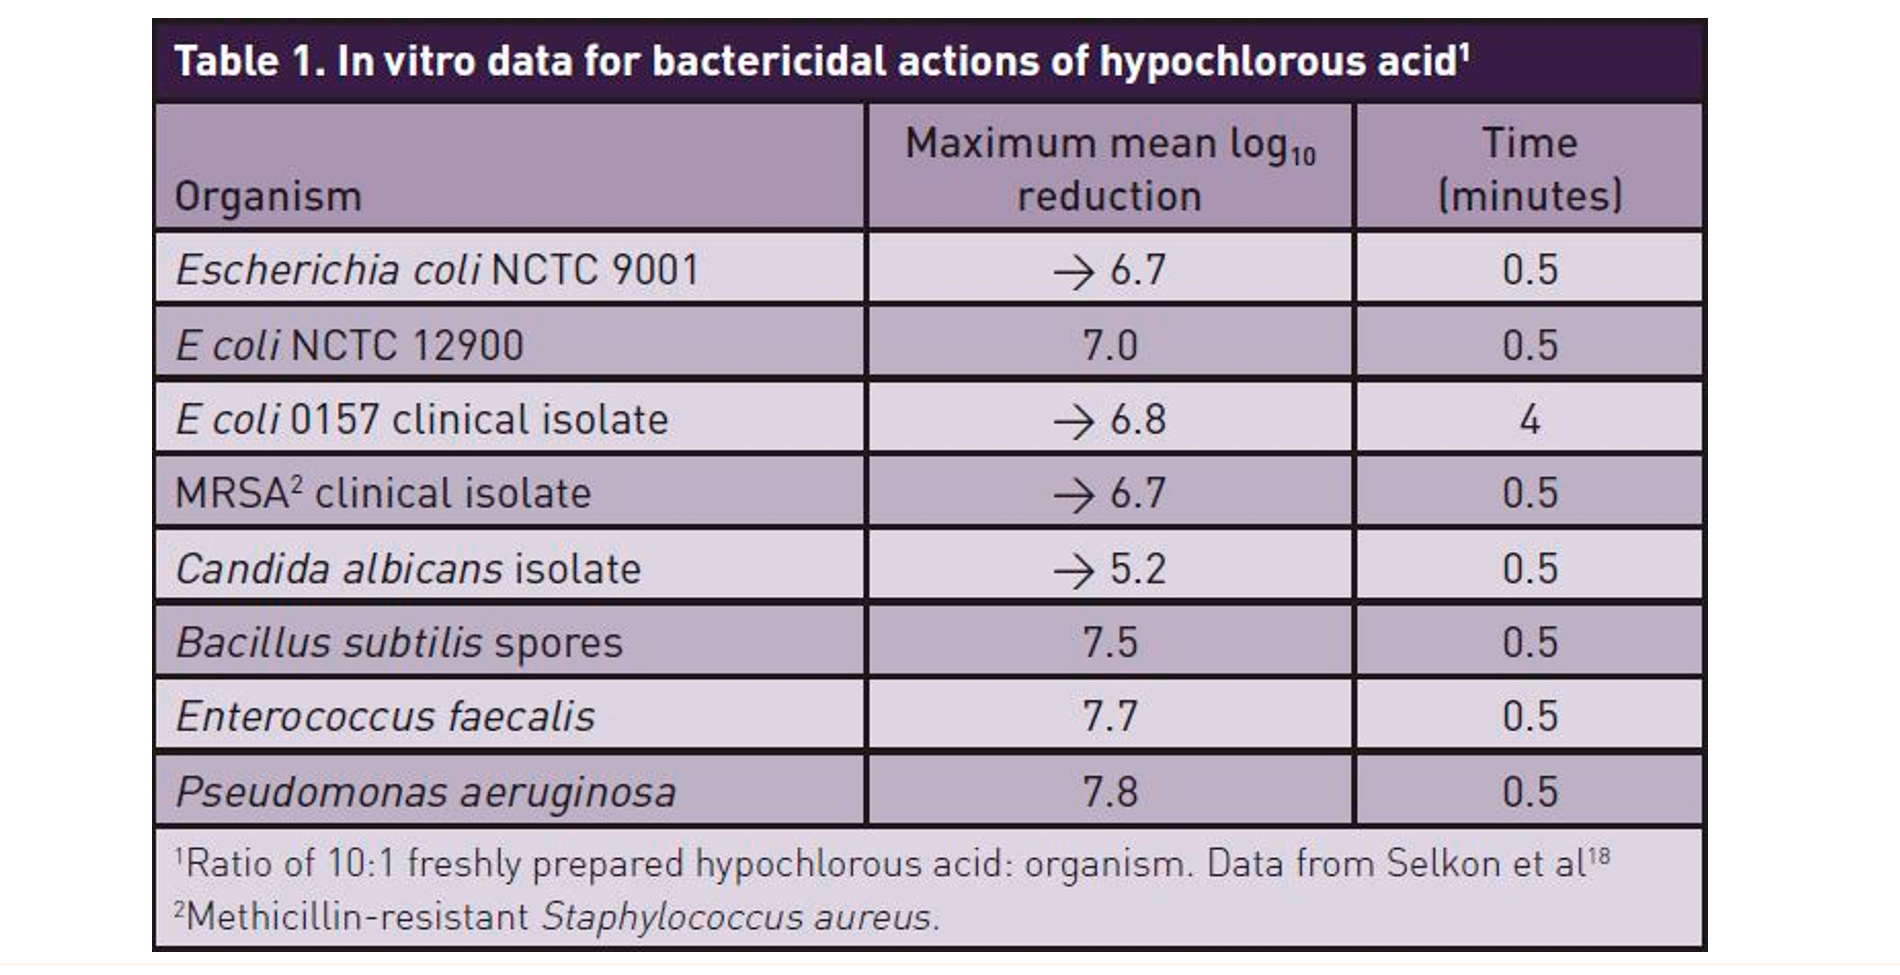 Datos in vitro para acciones bactericidas del ácido hipocloroso